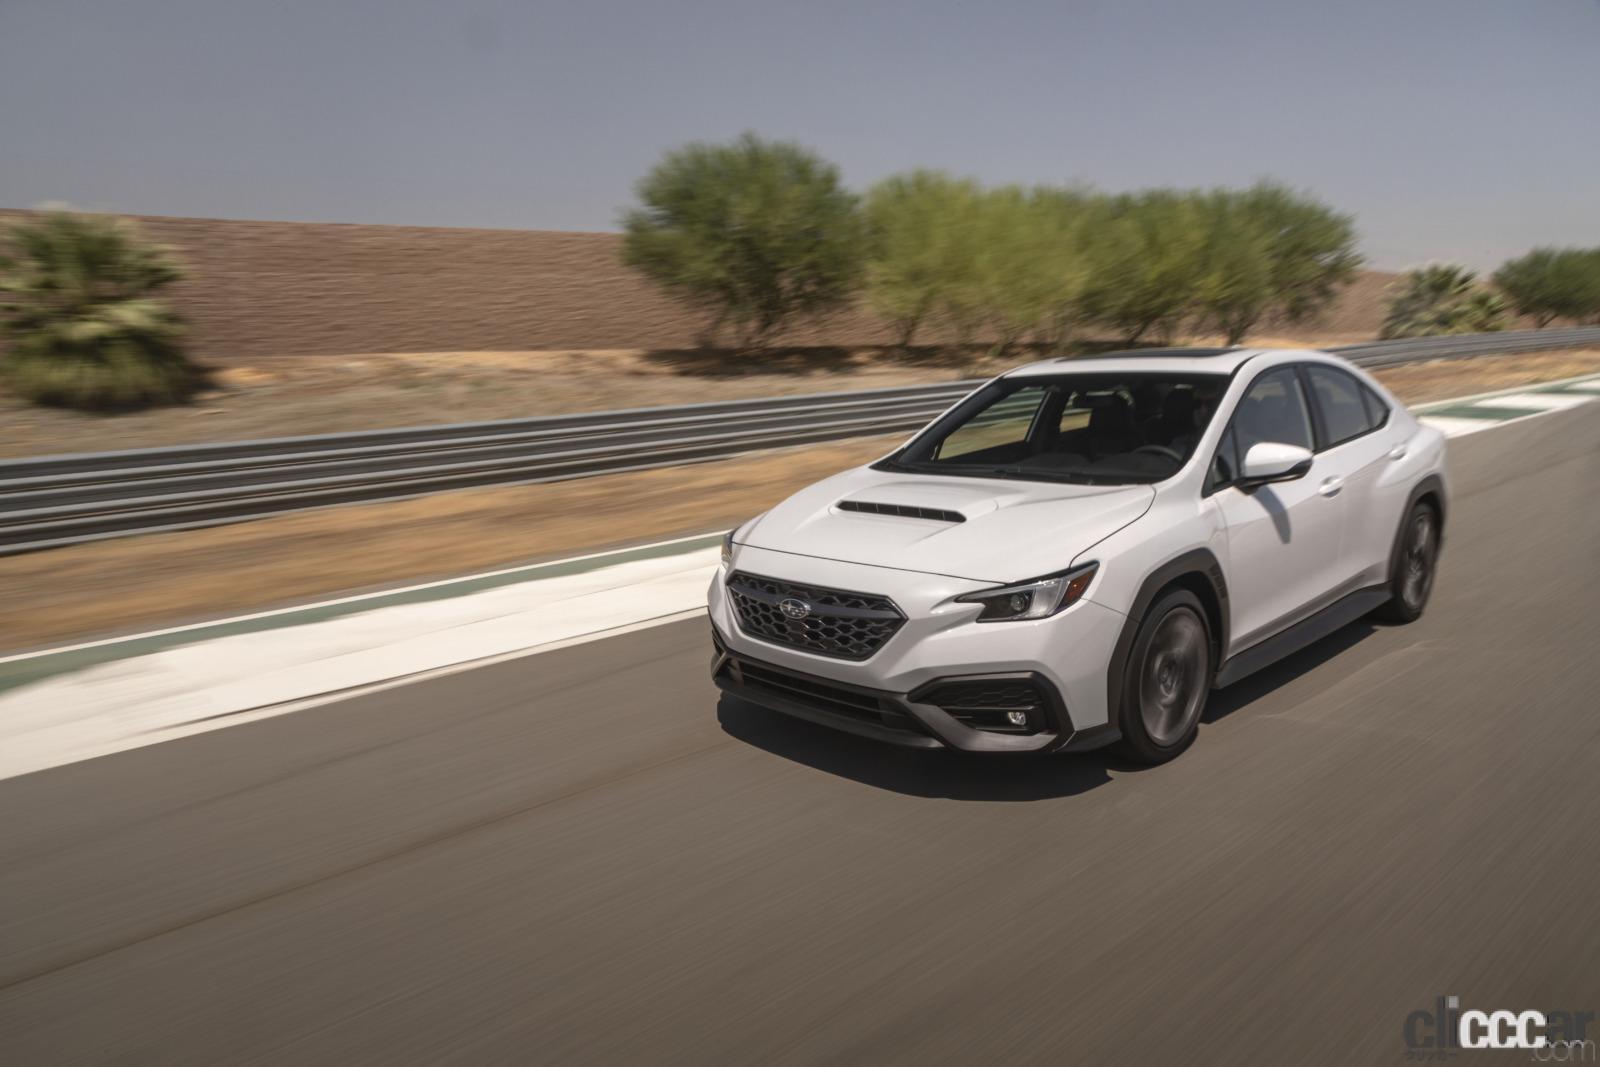 SUVみたいなスバルWRXは売れるのか?樹脂フェンダーモールが賛否両論【週刊クルマのミライ】